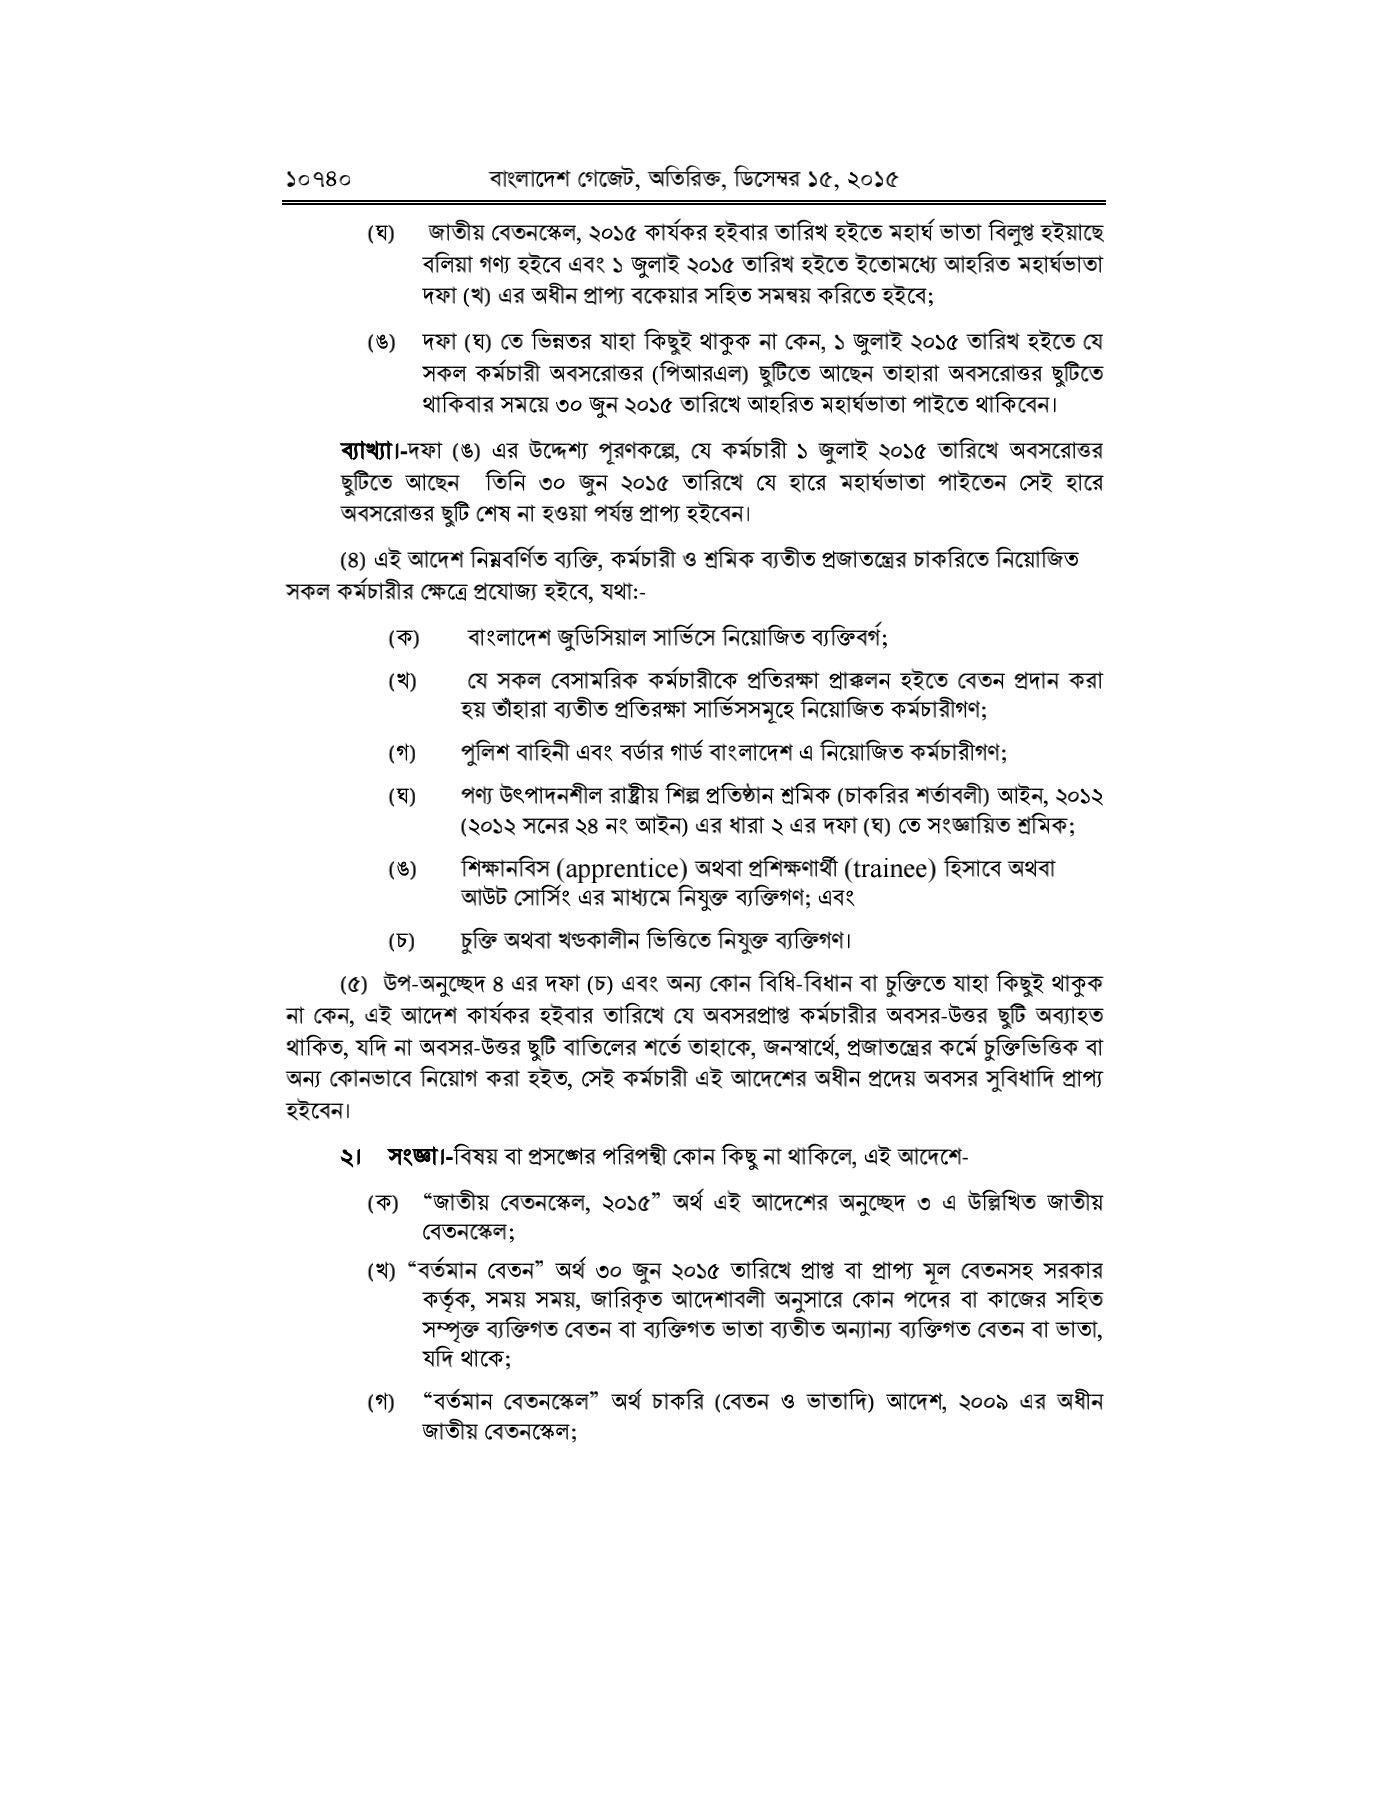 সরকারি বেতন স্কেল ২০২১ pdf-সরকারি বেতন ২০২১